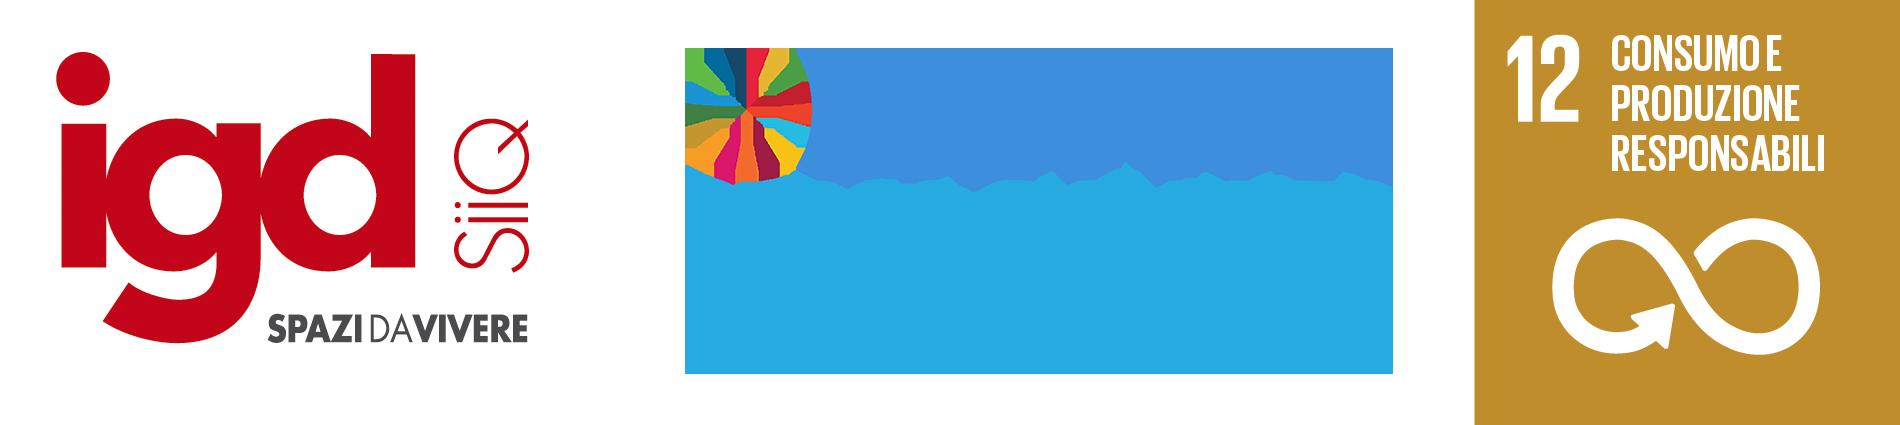 SDG_LOGO_it_12